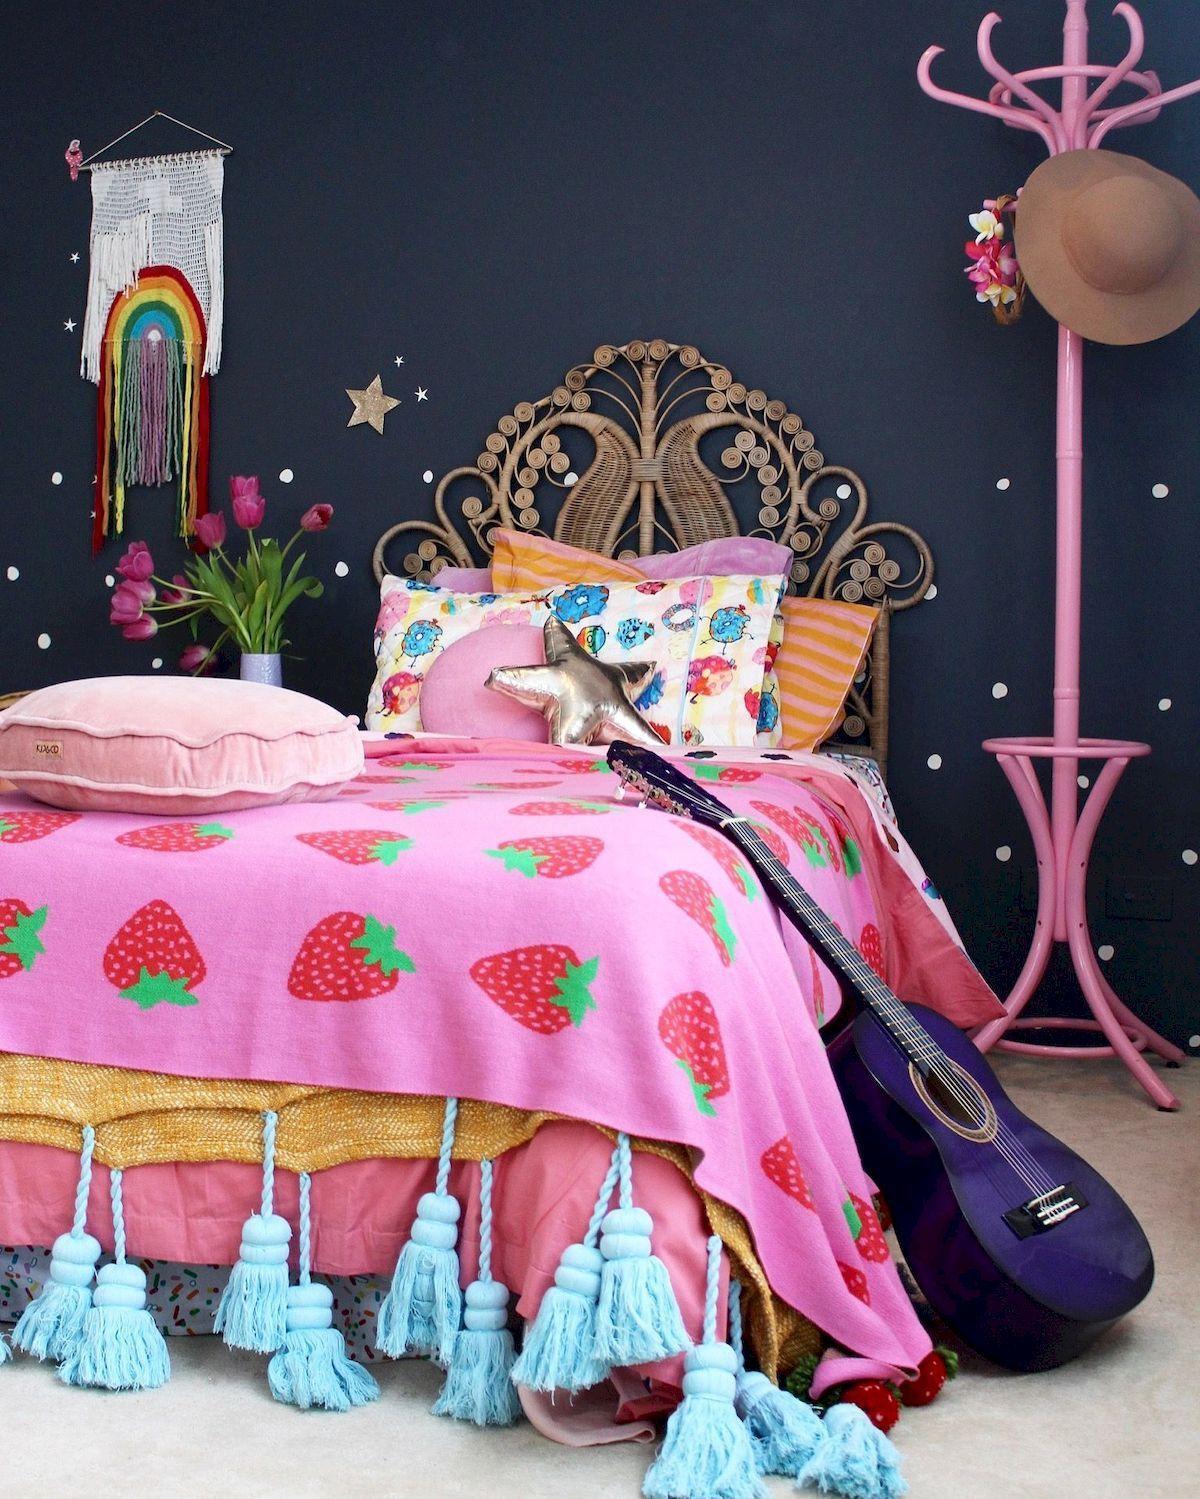 15 Kid Room Ideas Based On The Age Bedroom Paint Colors